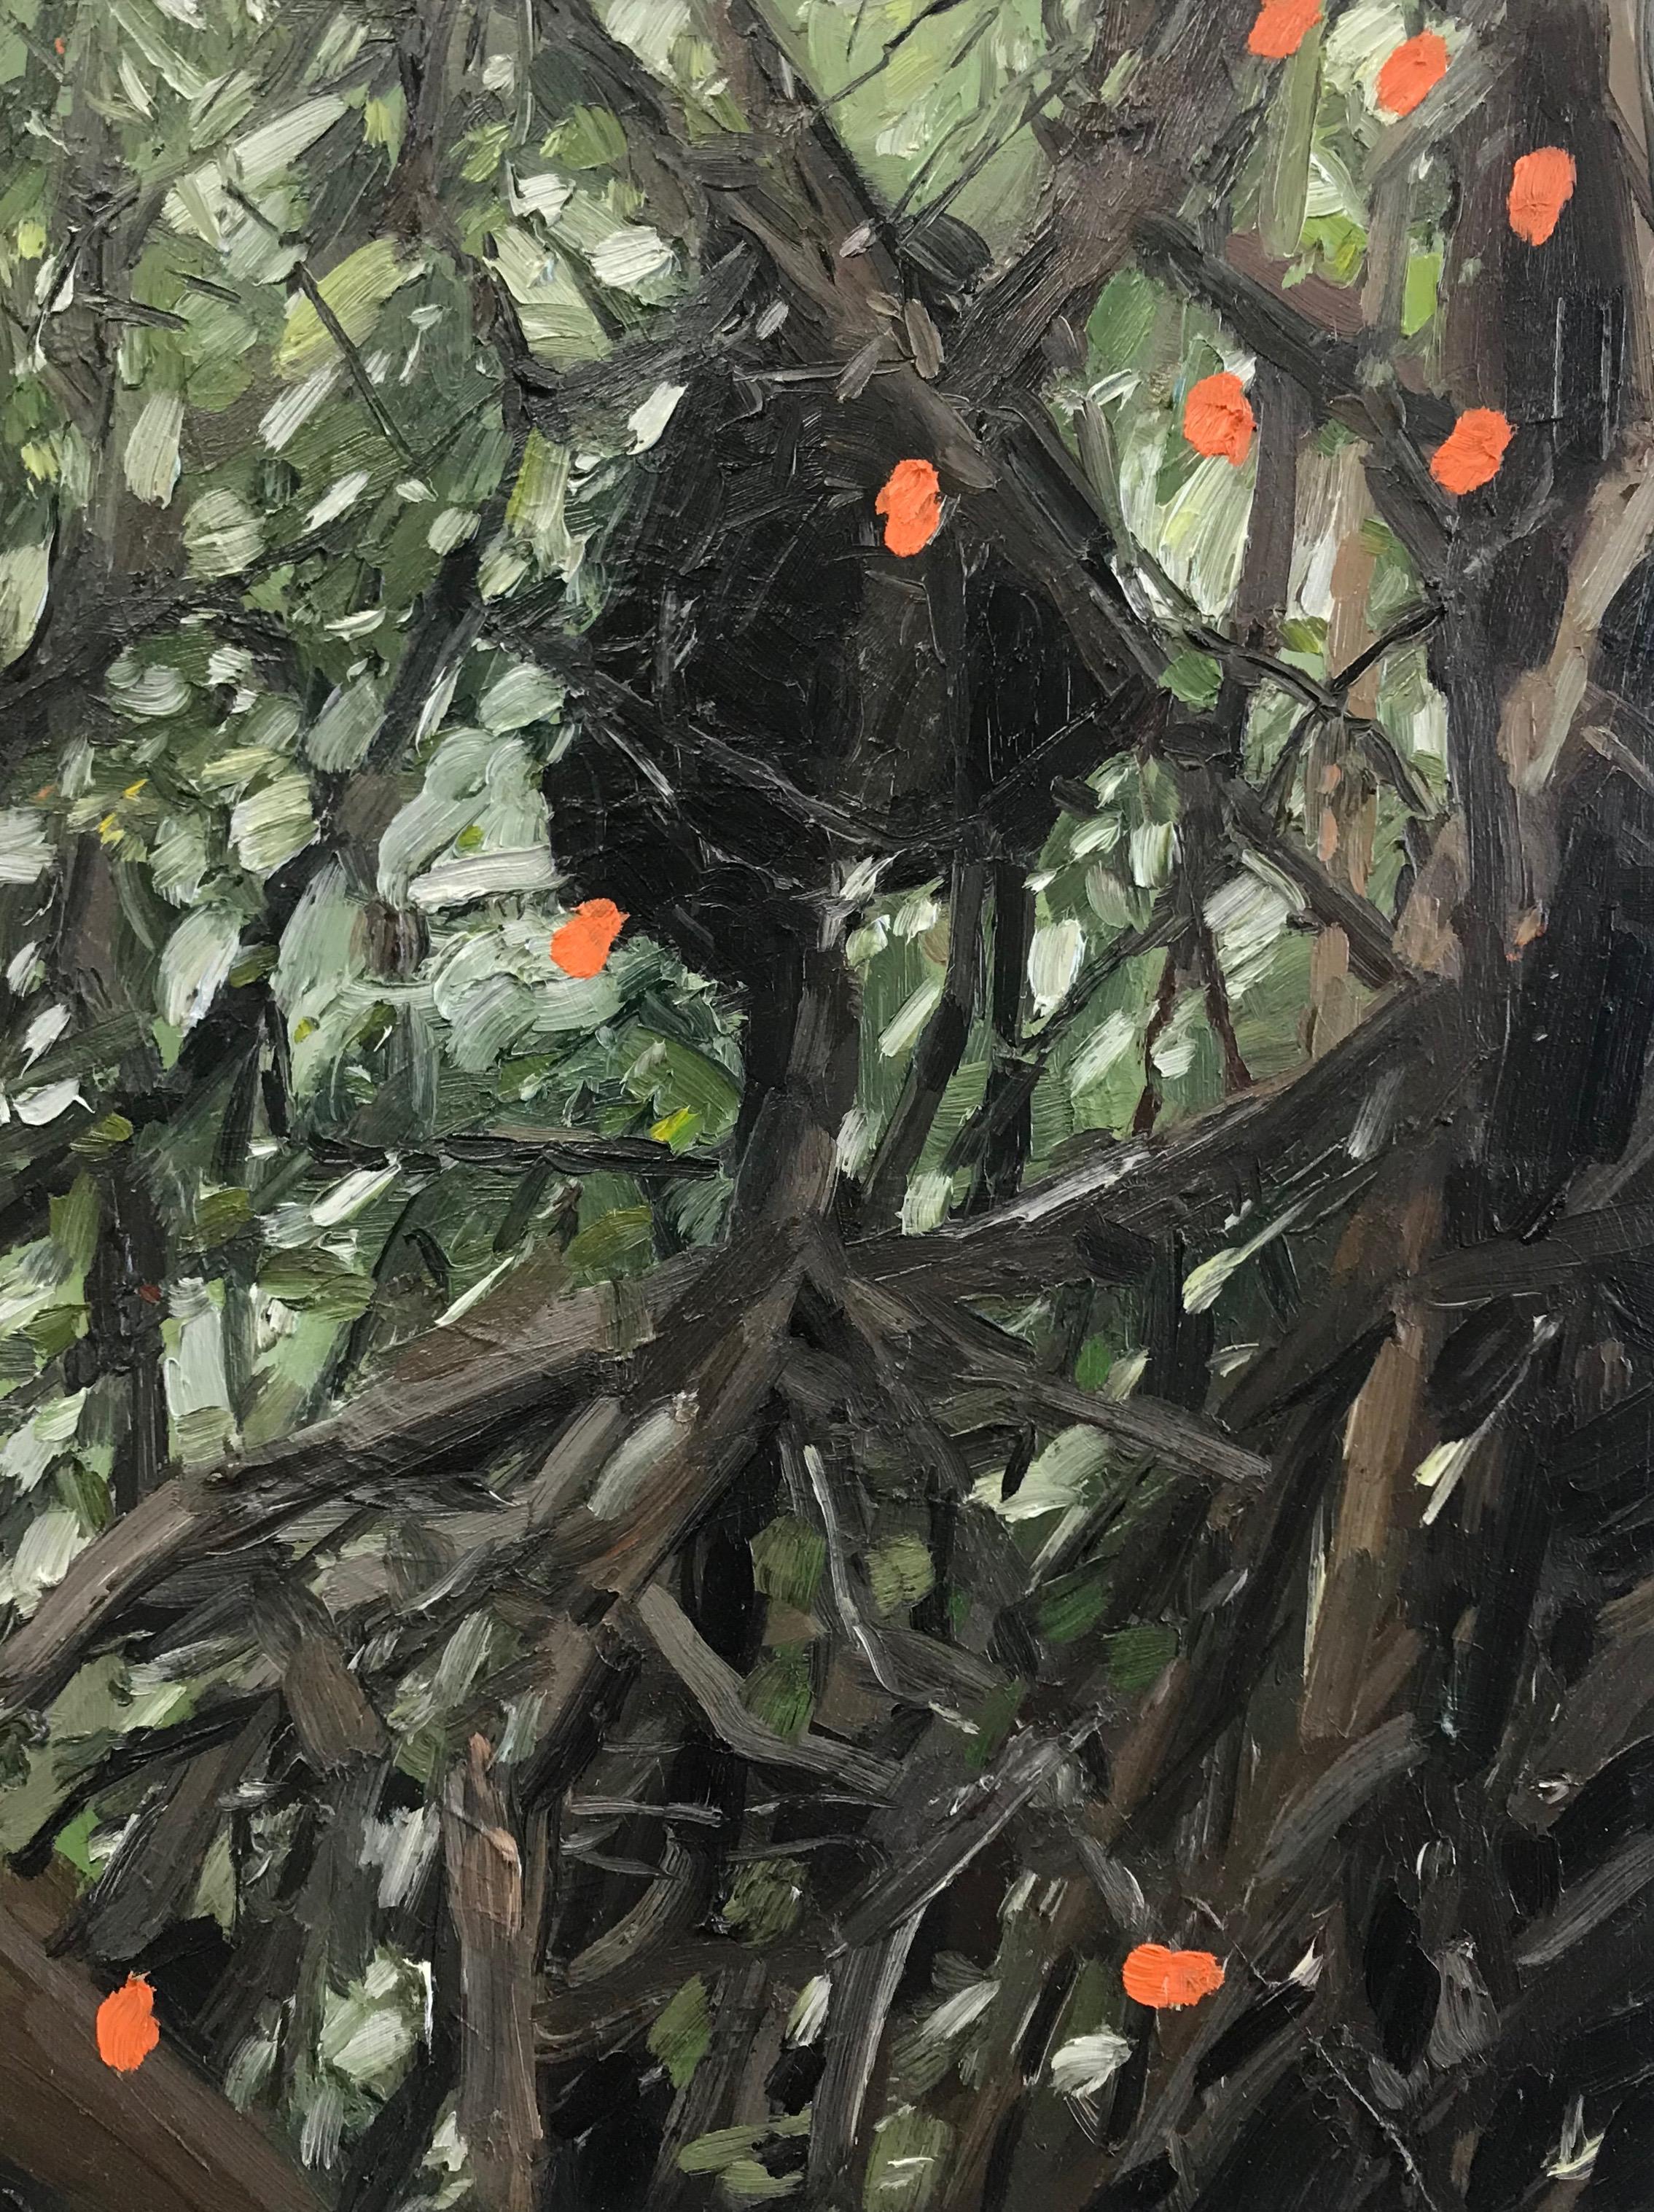 Mangroves 2, Oil on Board